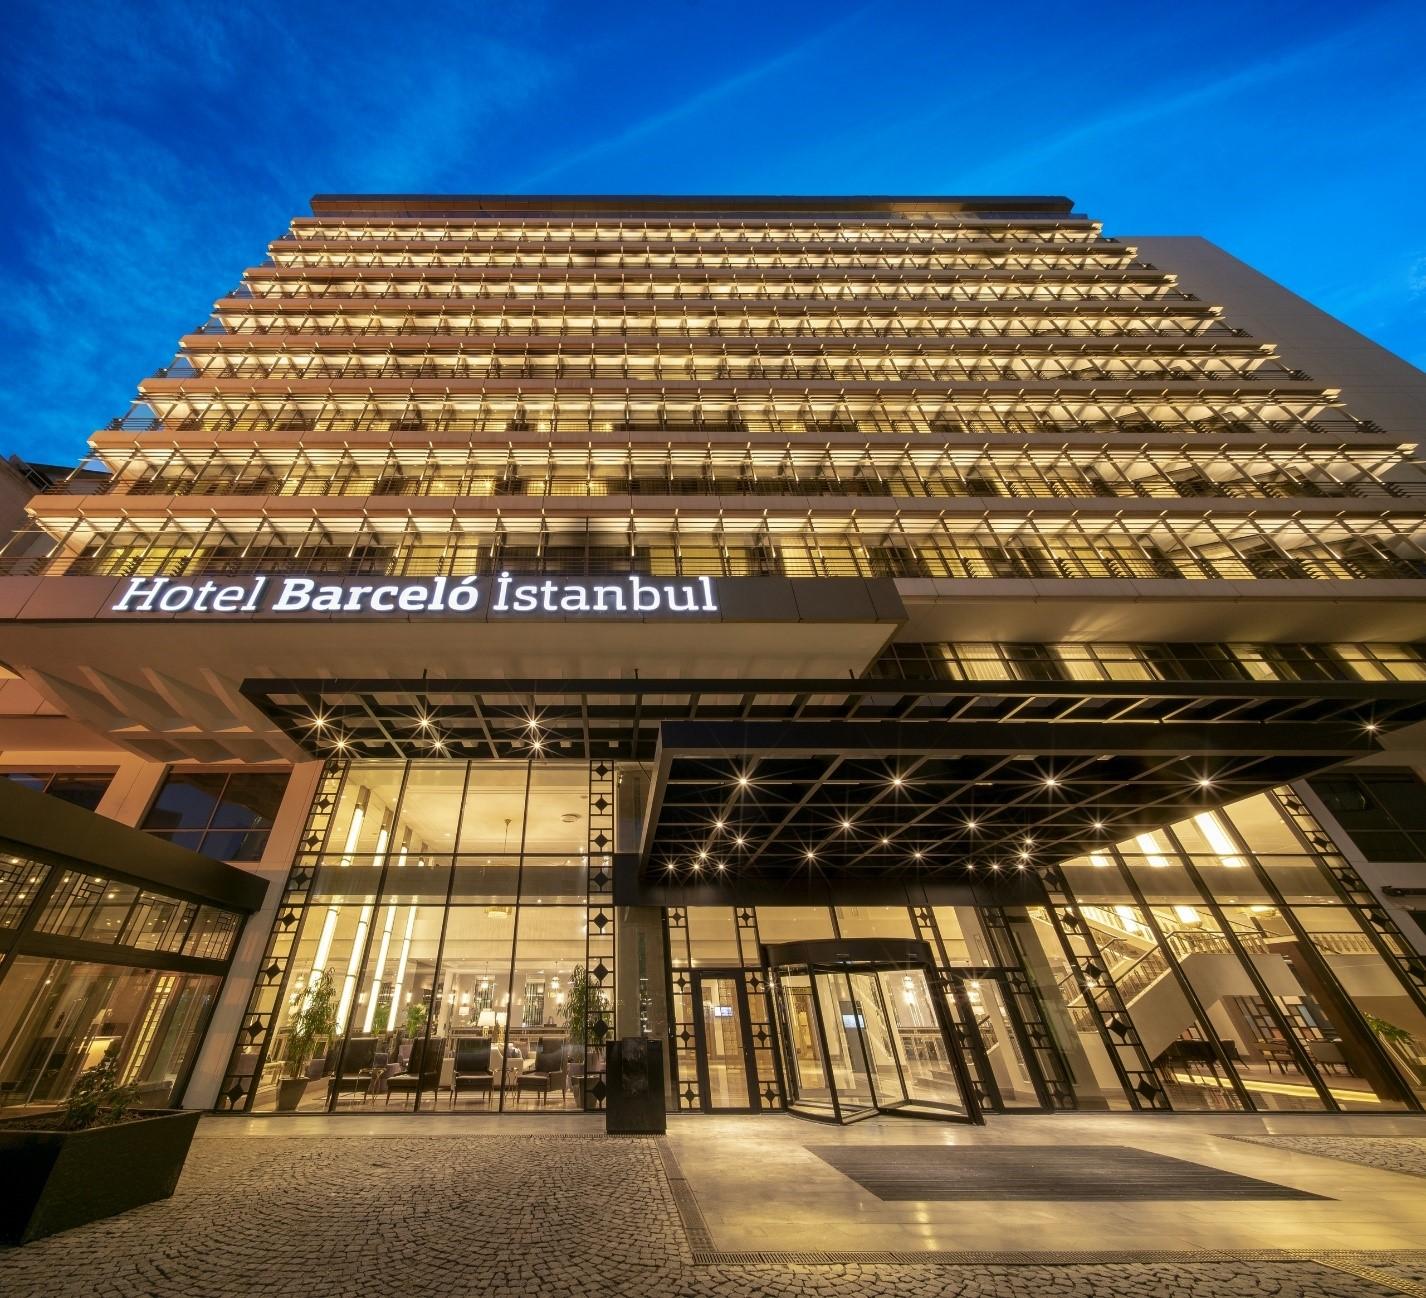 4 star hotels in fatih